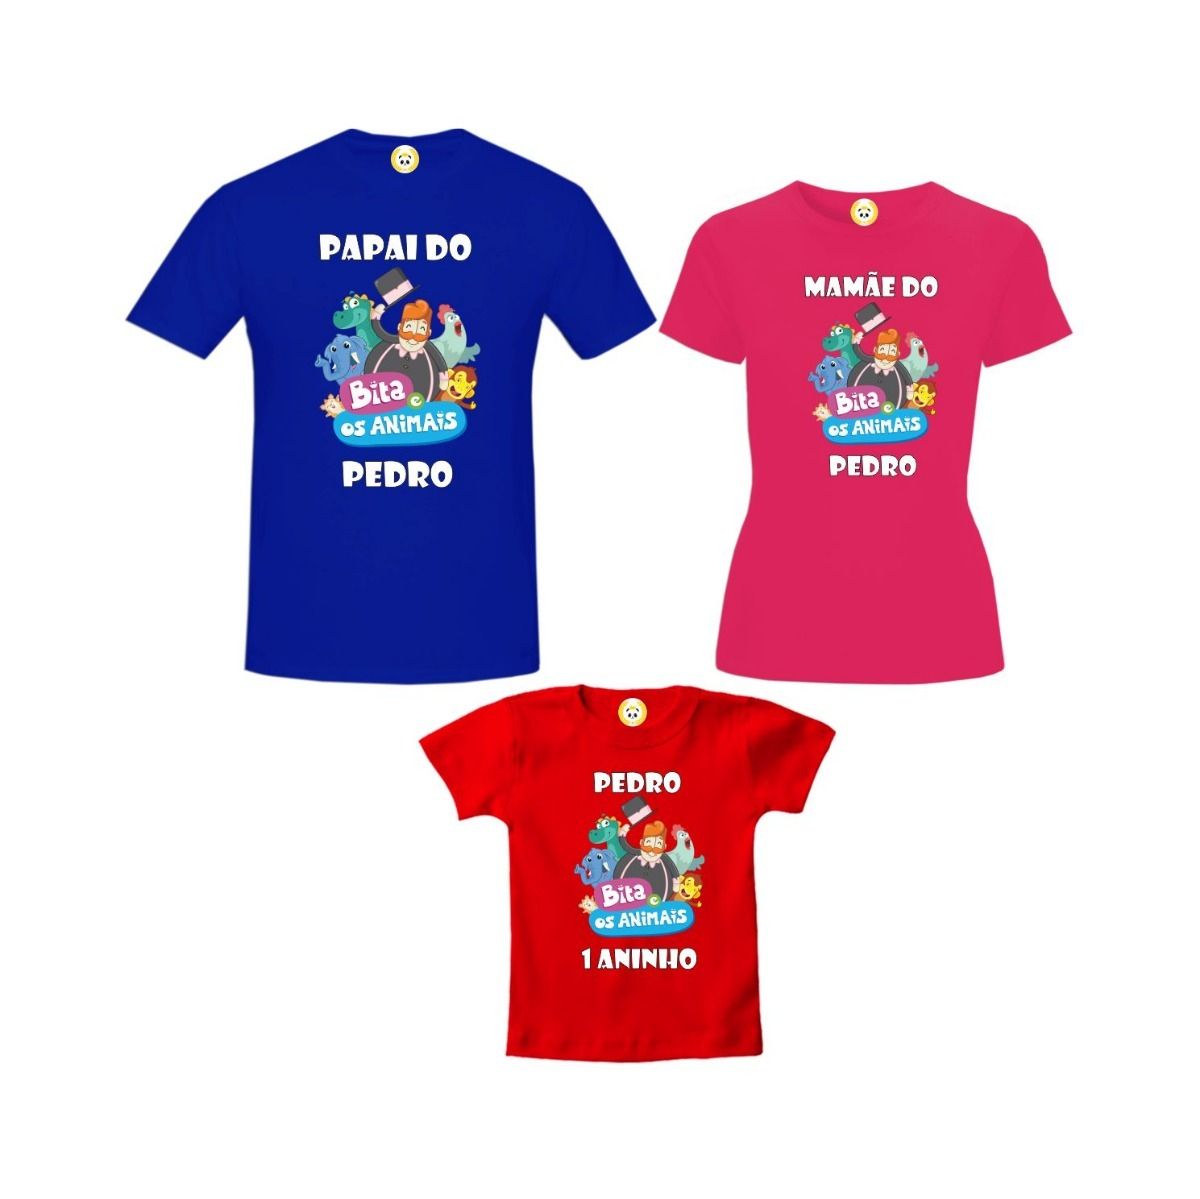 e4e48cb5e8 Kit Camiseta Mundo Bita E Os Animais Aniversário 3 Peças - R  159